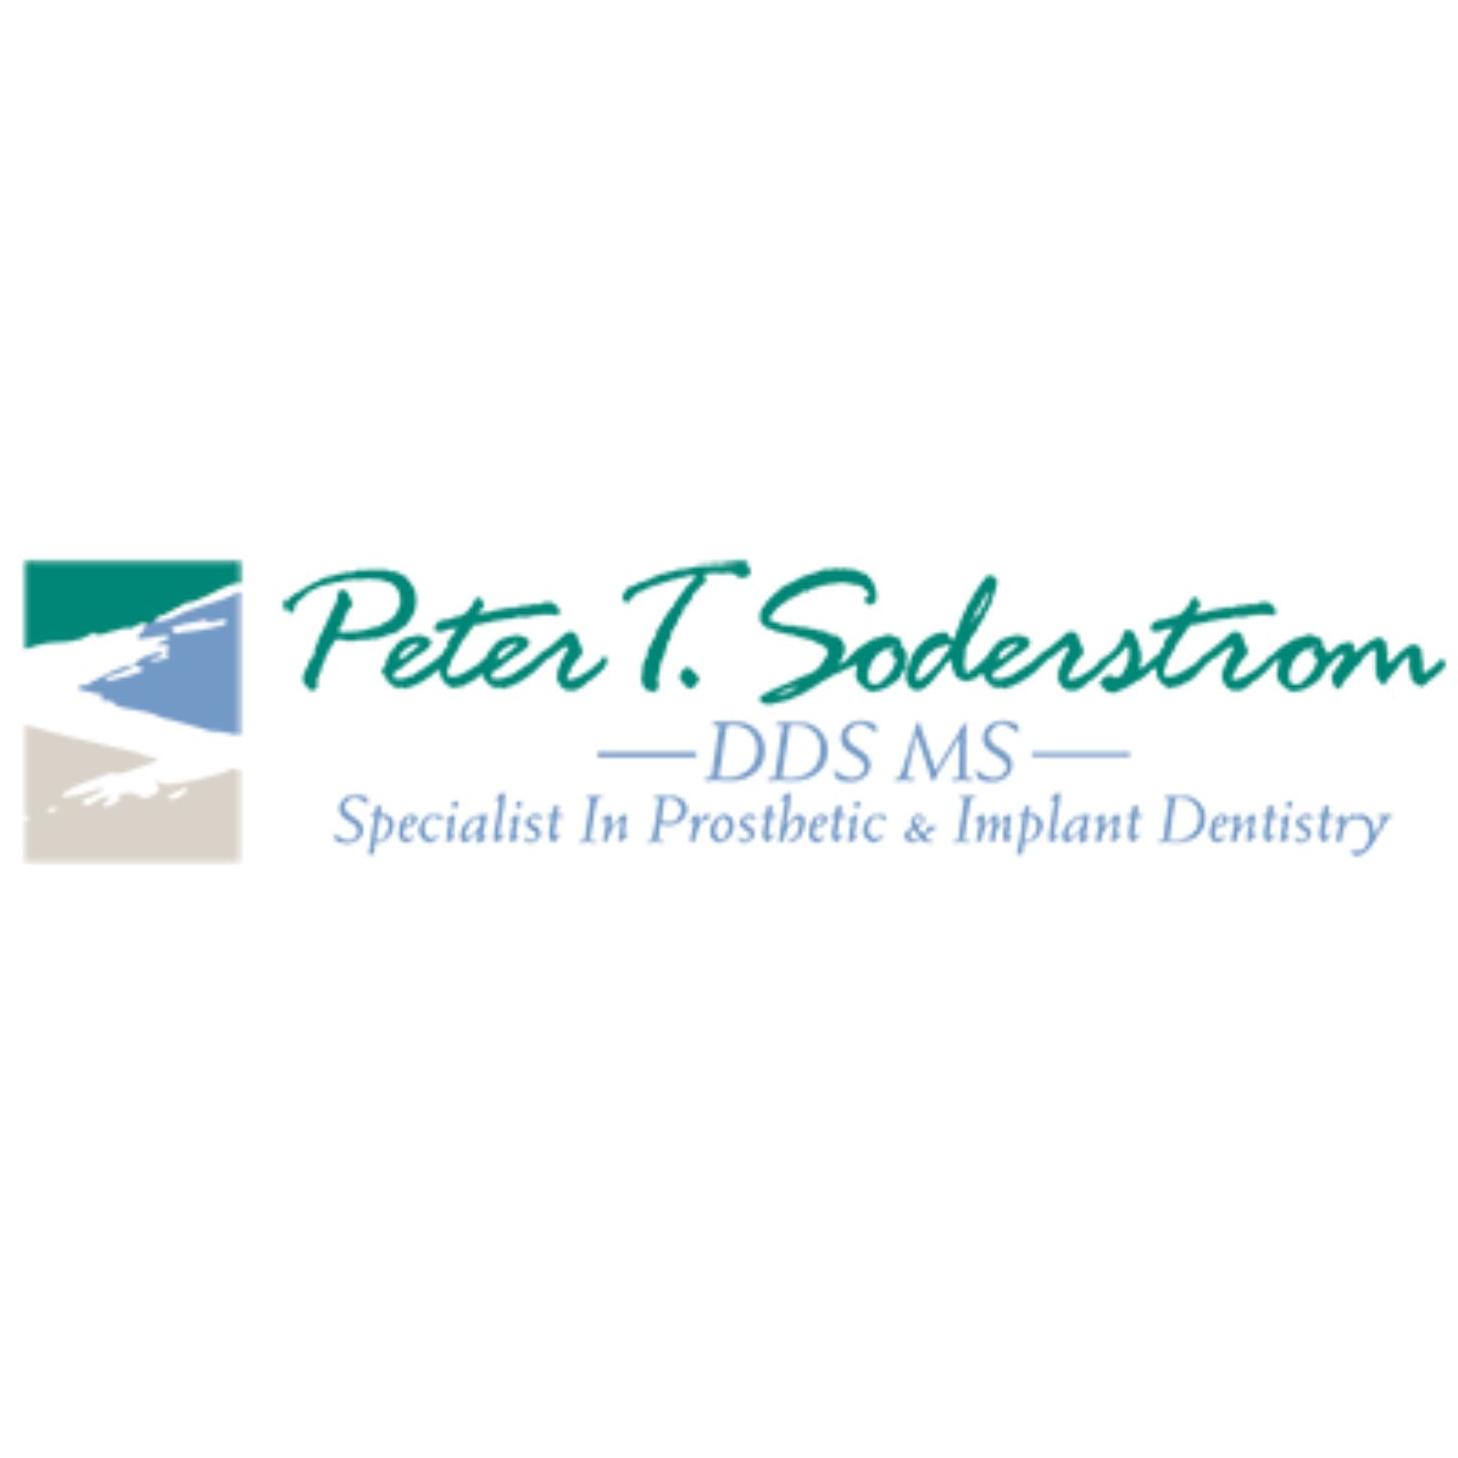 Dr. Peter T Soderstrom